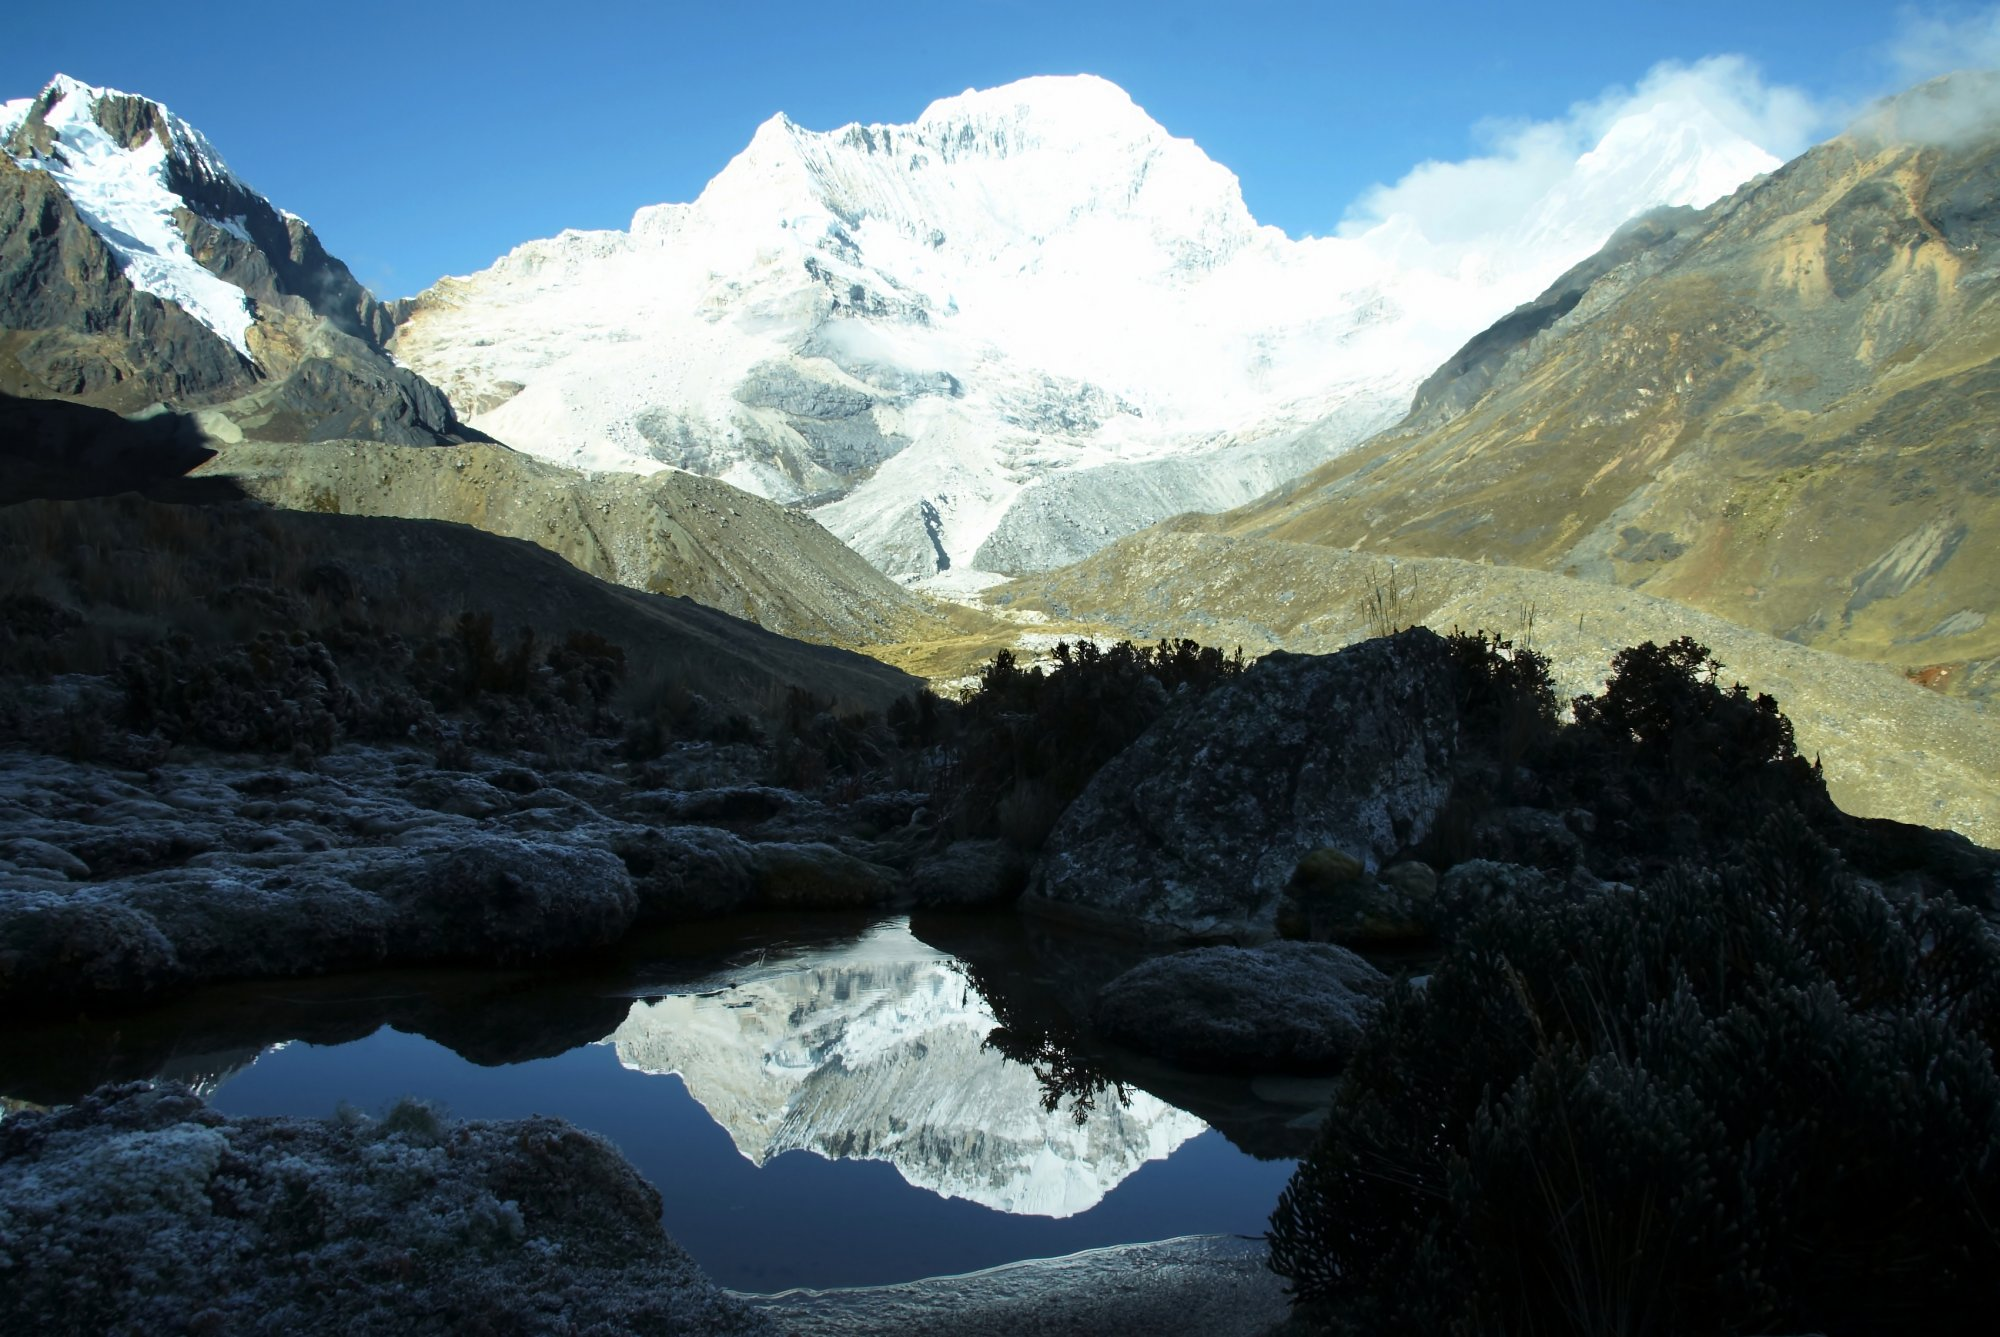 Eindrucksvoller Gipfel in den peruanischen Anden